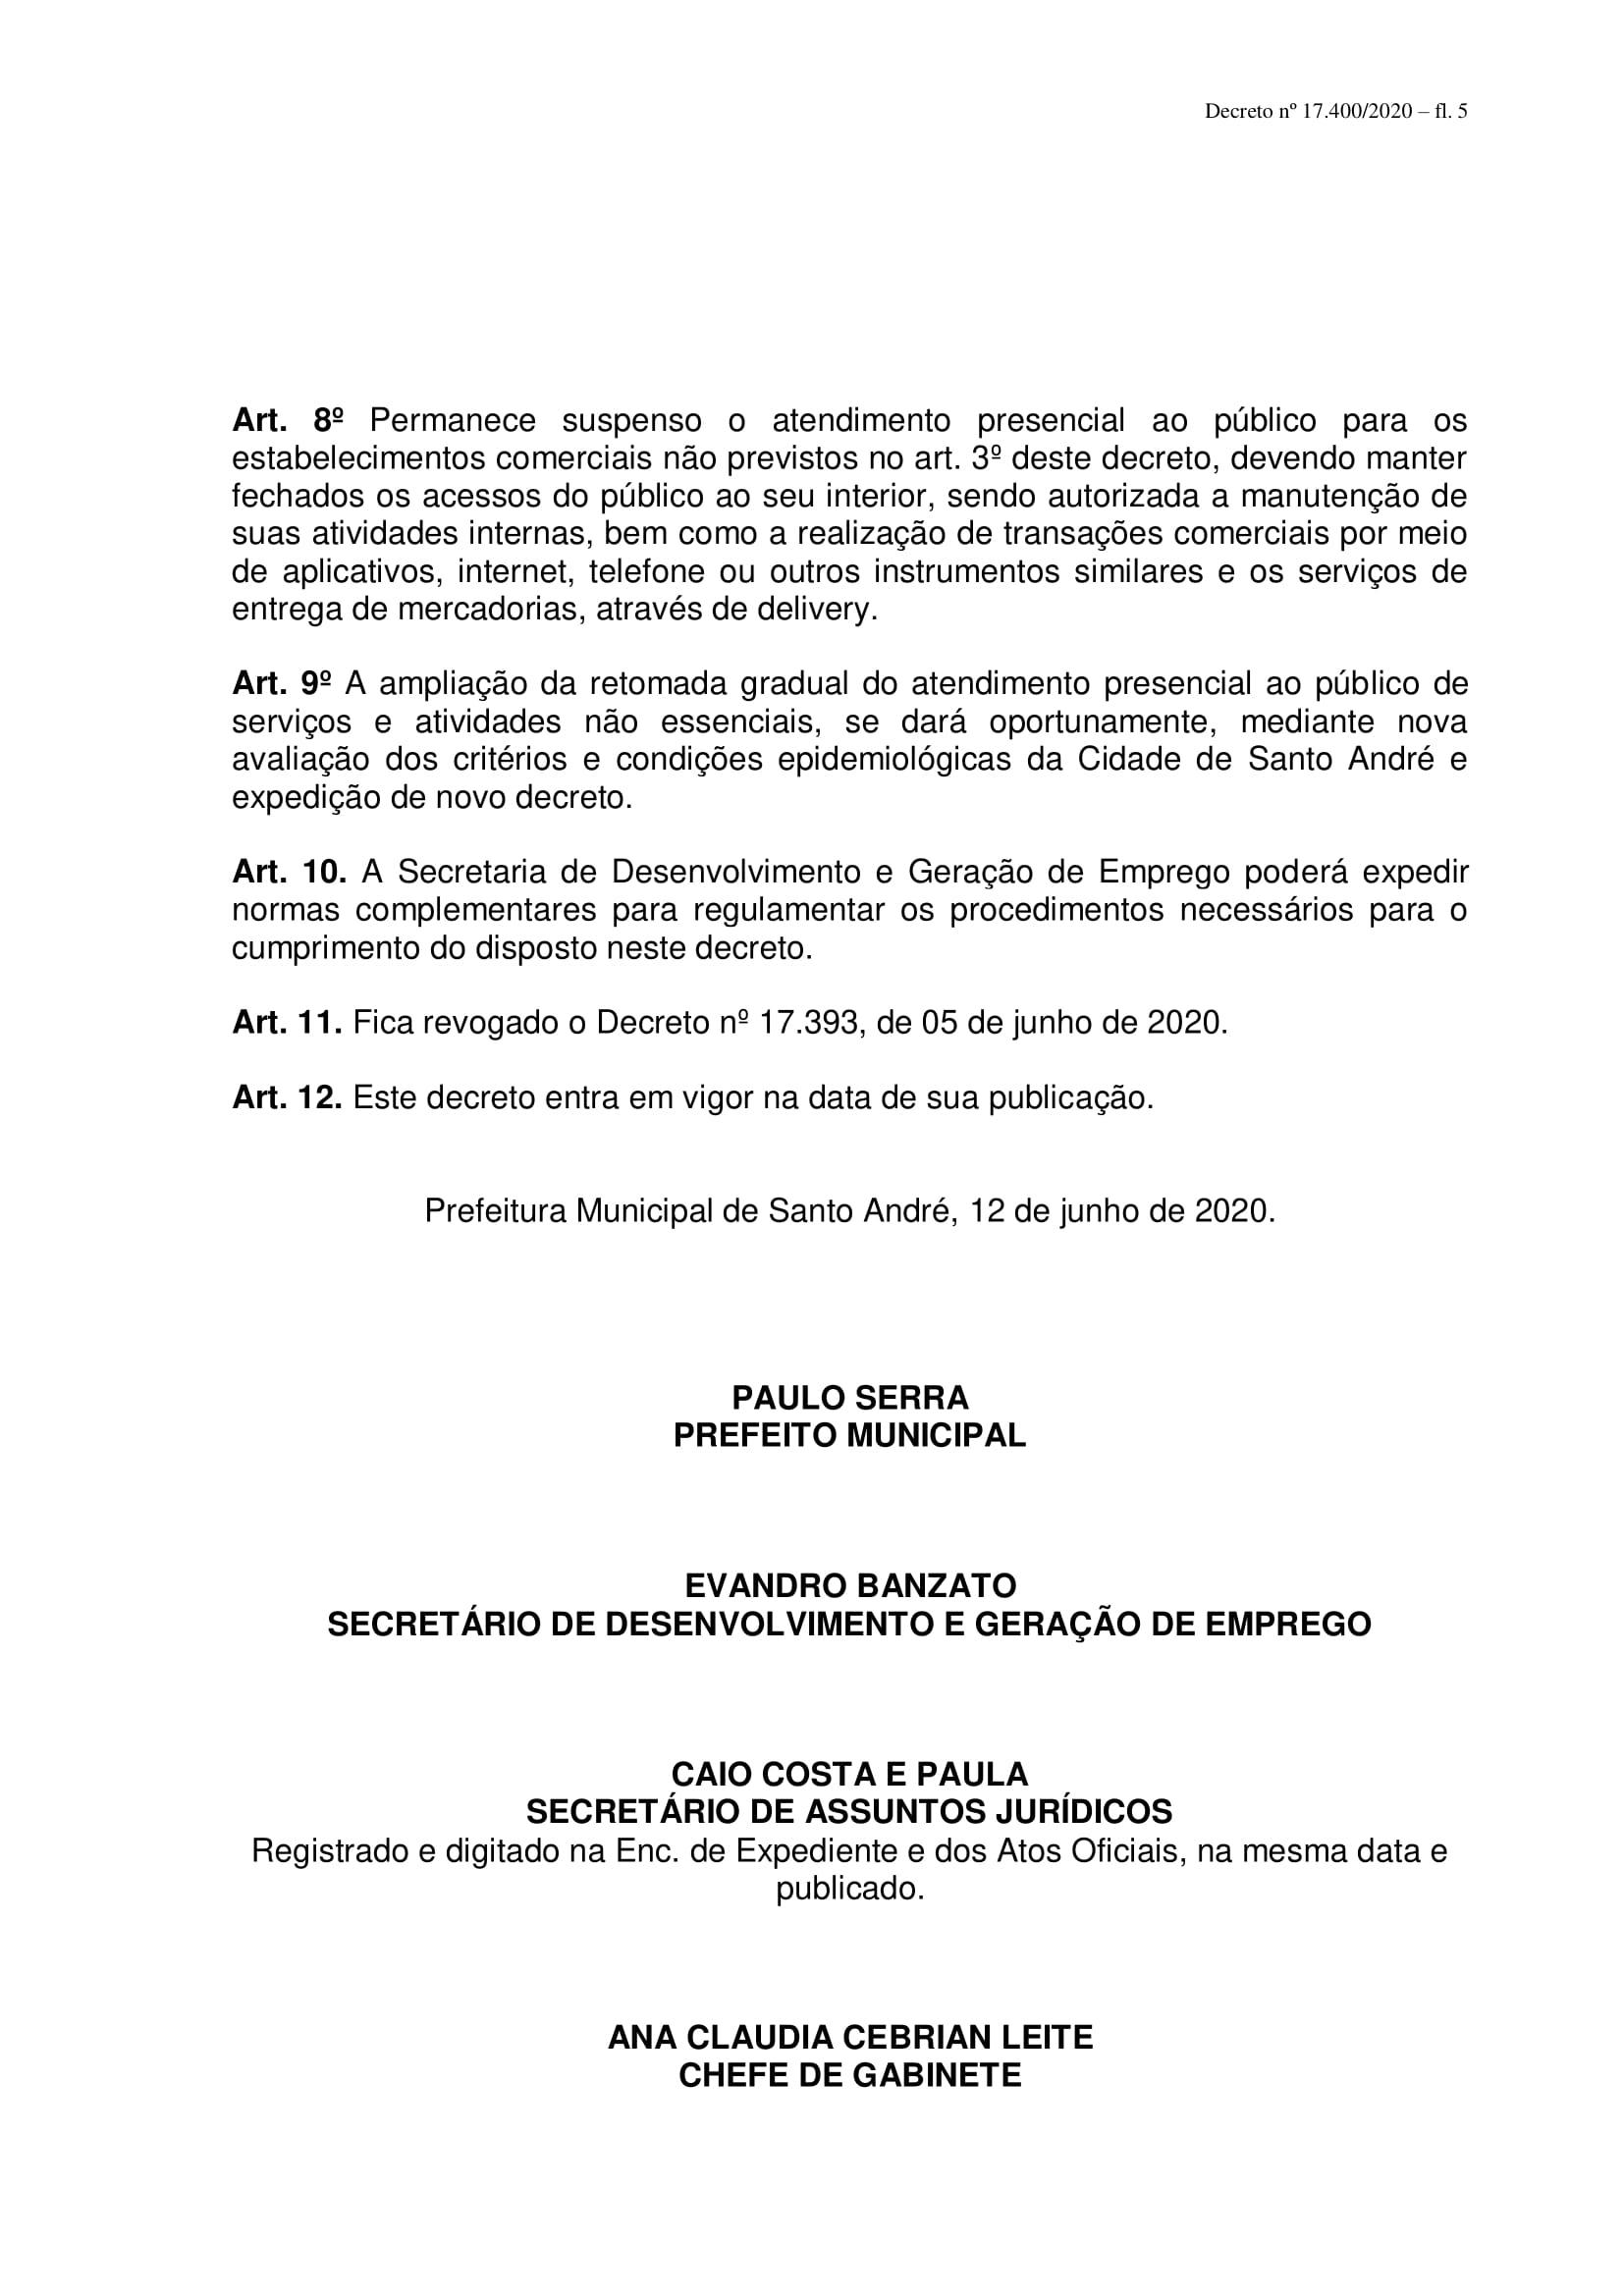 Decreto nº 17.400 (Retomada gradual e consciente da economia)-5